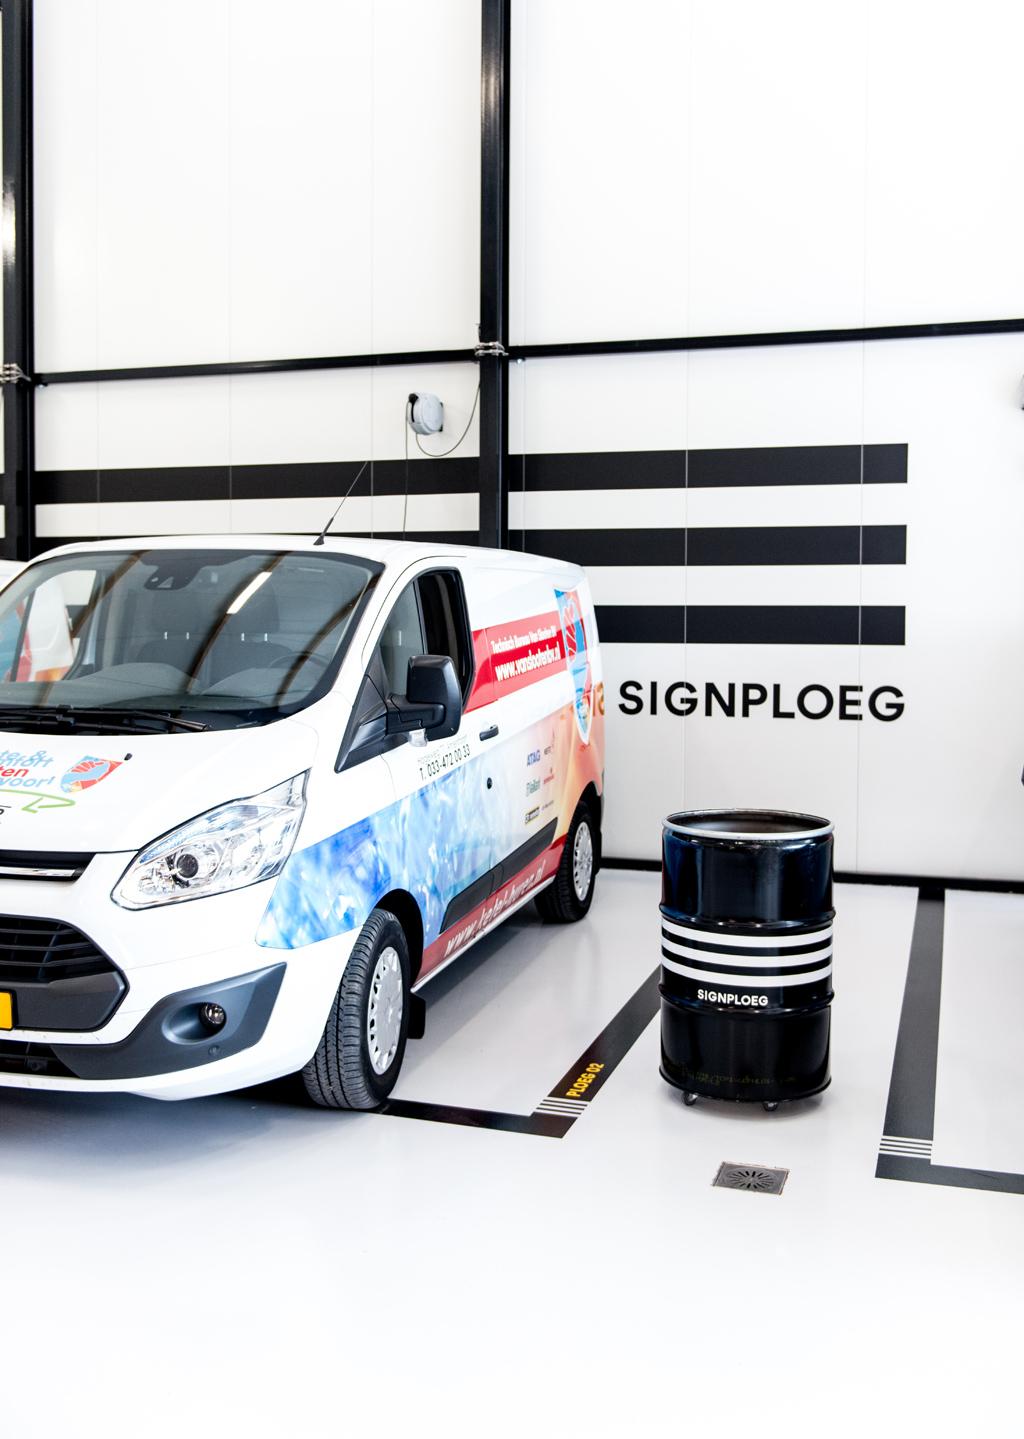 signploeg-wagenpark-wrap